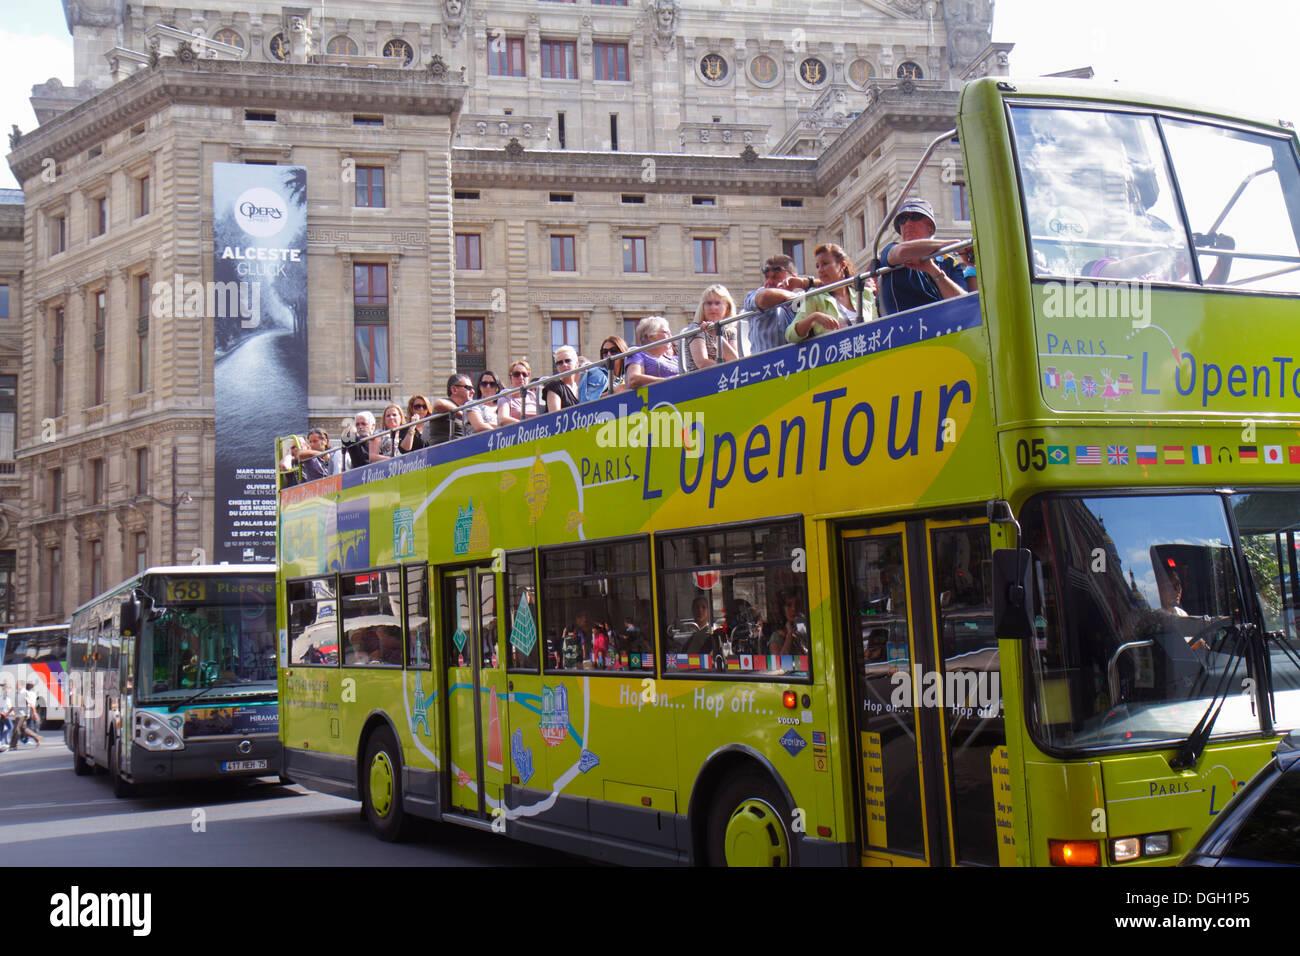 Paris France Europe French 9th arrondissement Rue Scribe Palais Garnier Opera National de Paris tour bus double decker L OpenTou - Stock Image